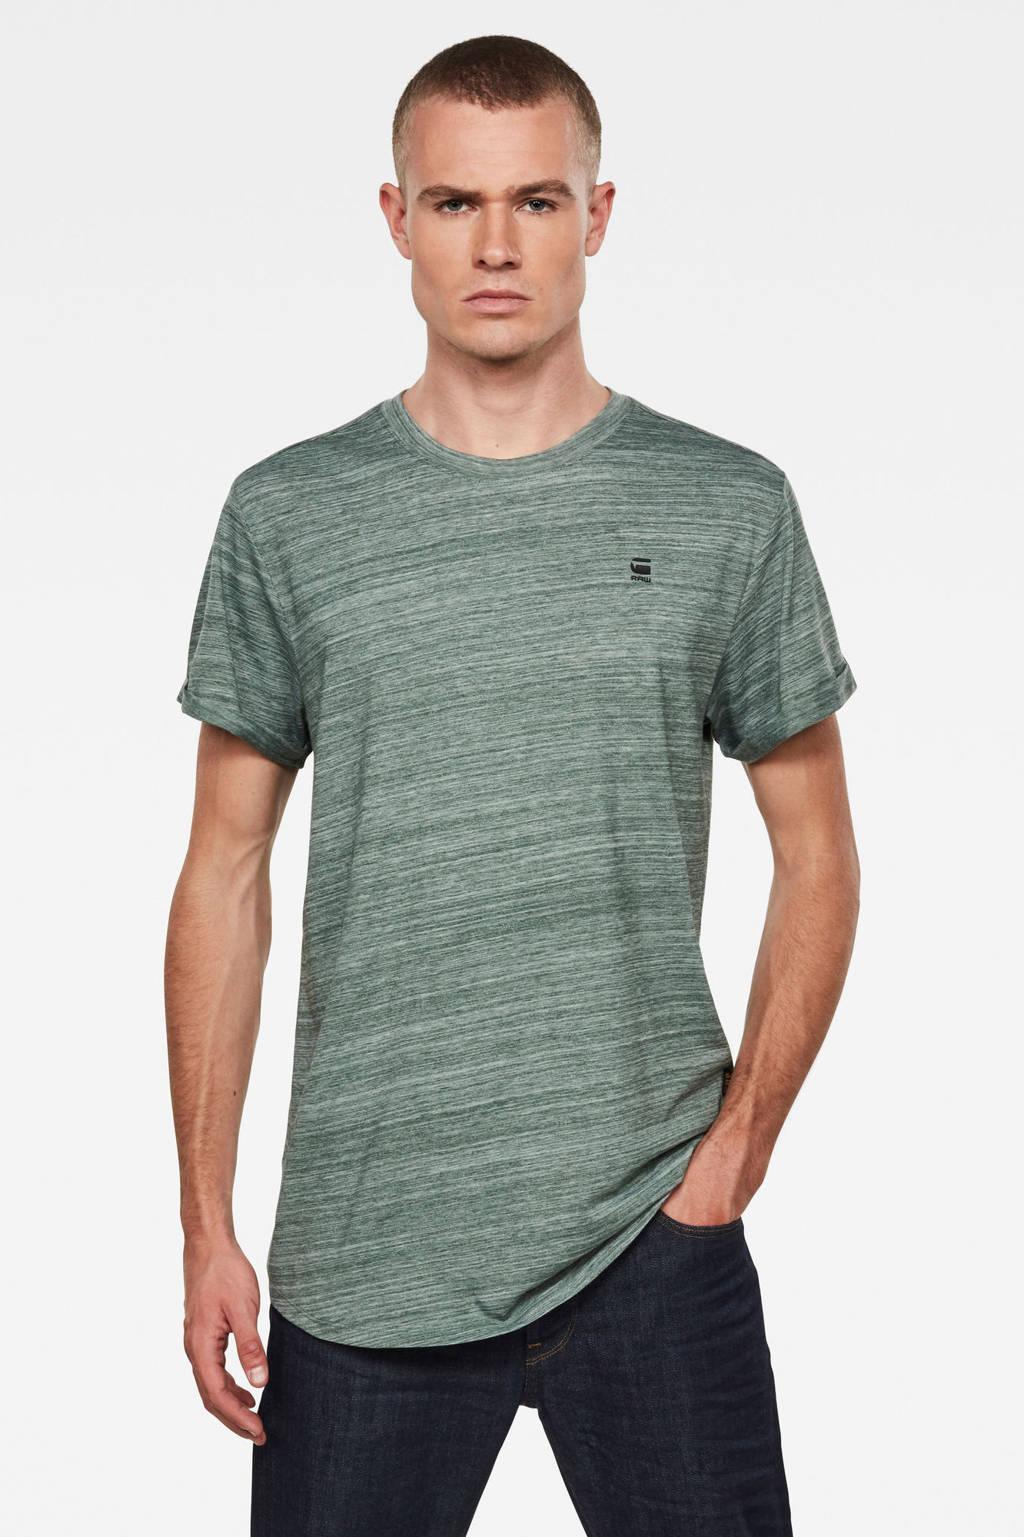 G-Star RAW gemêleerd T-shirt groen, Groen